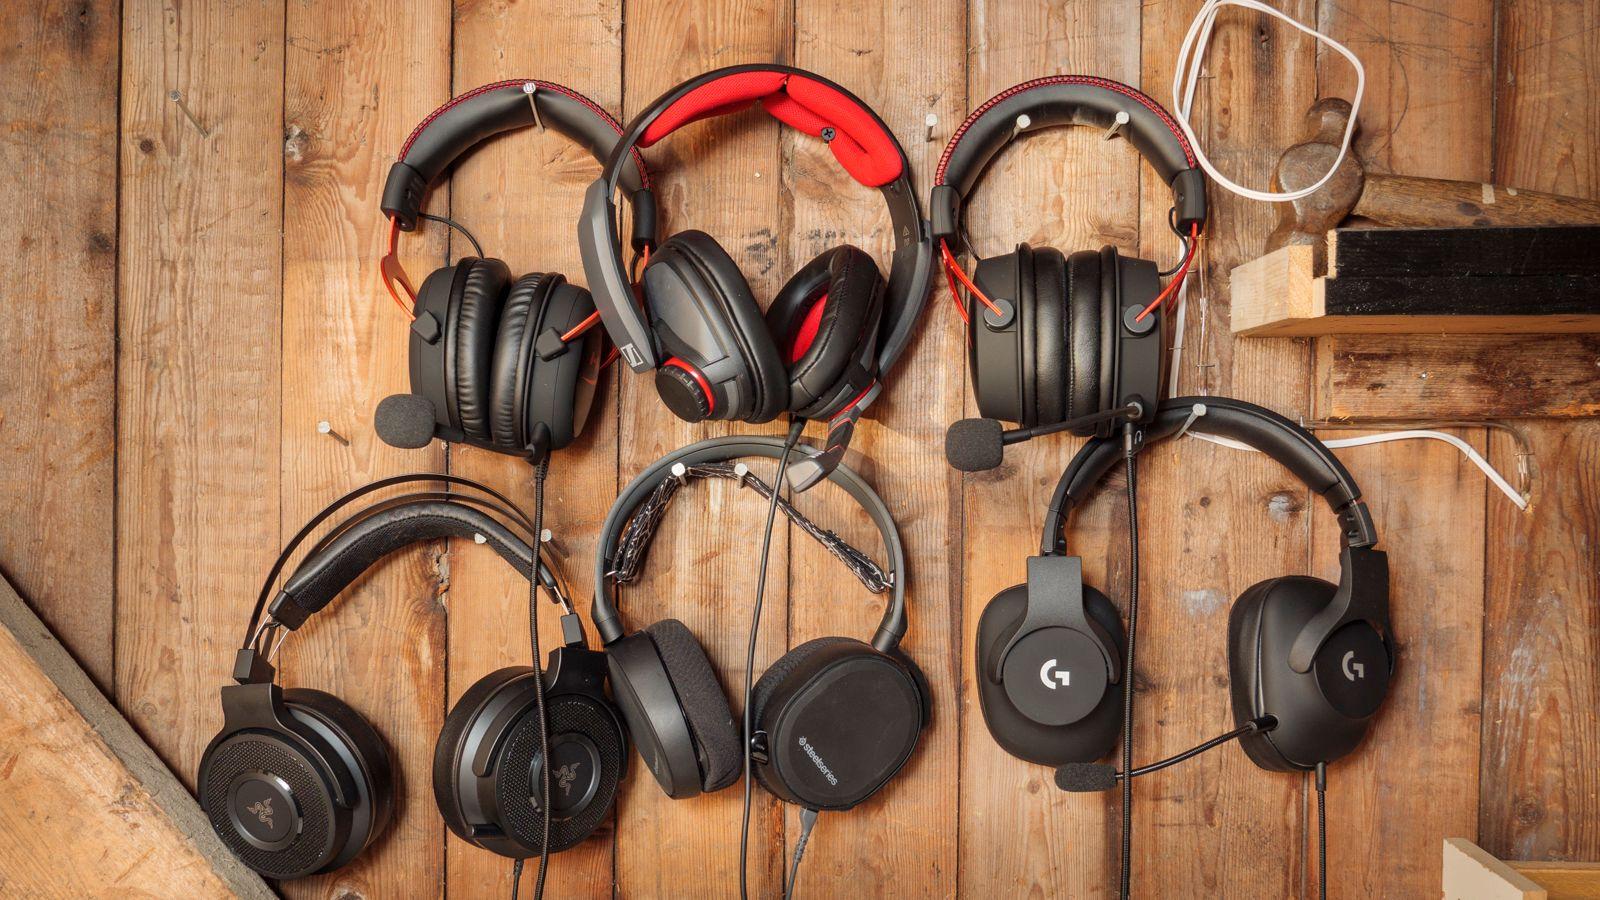 Hodetelefoner for gaming til under 1000 kroner Samletest